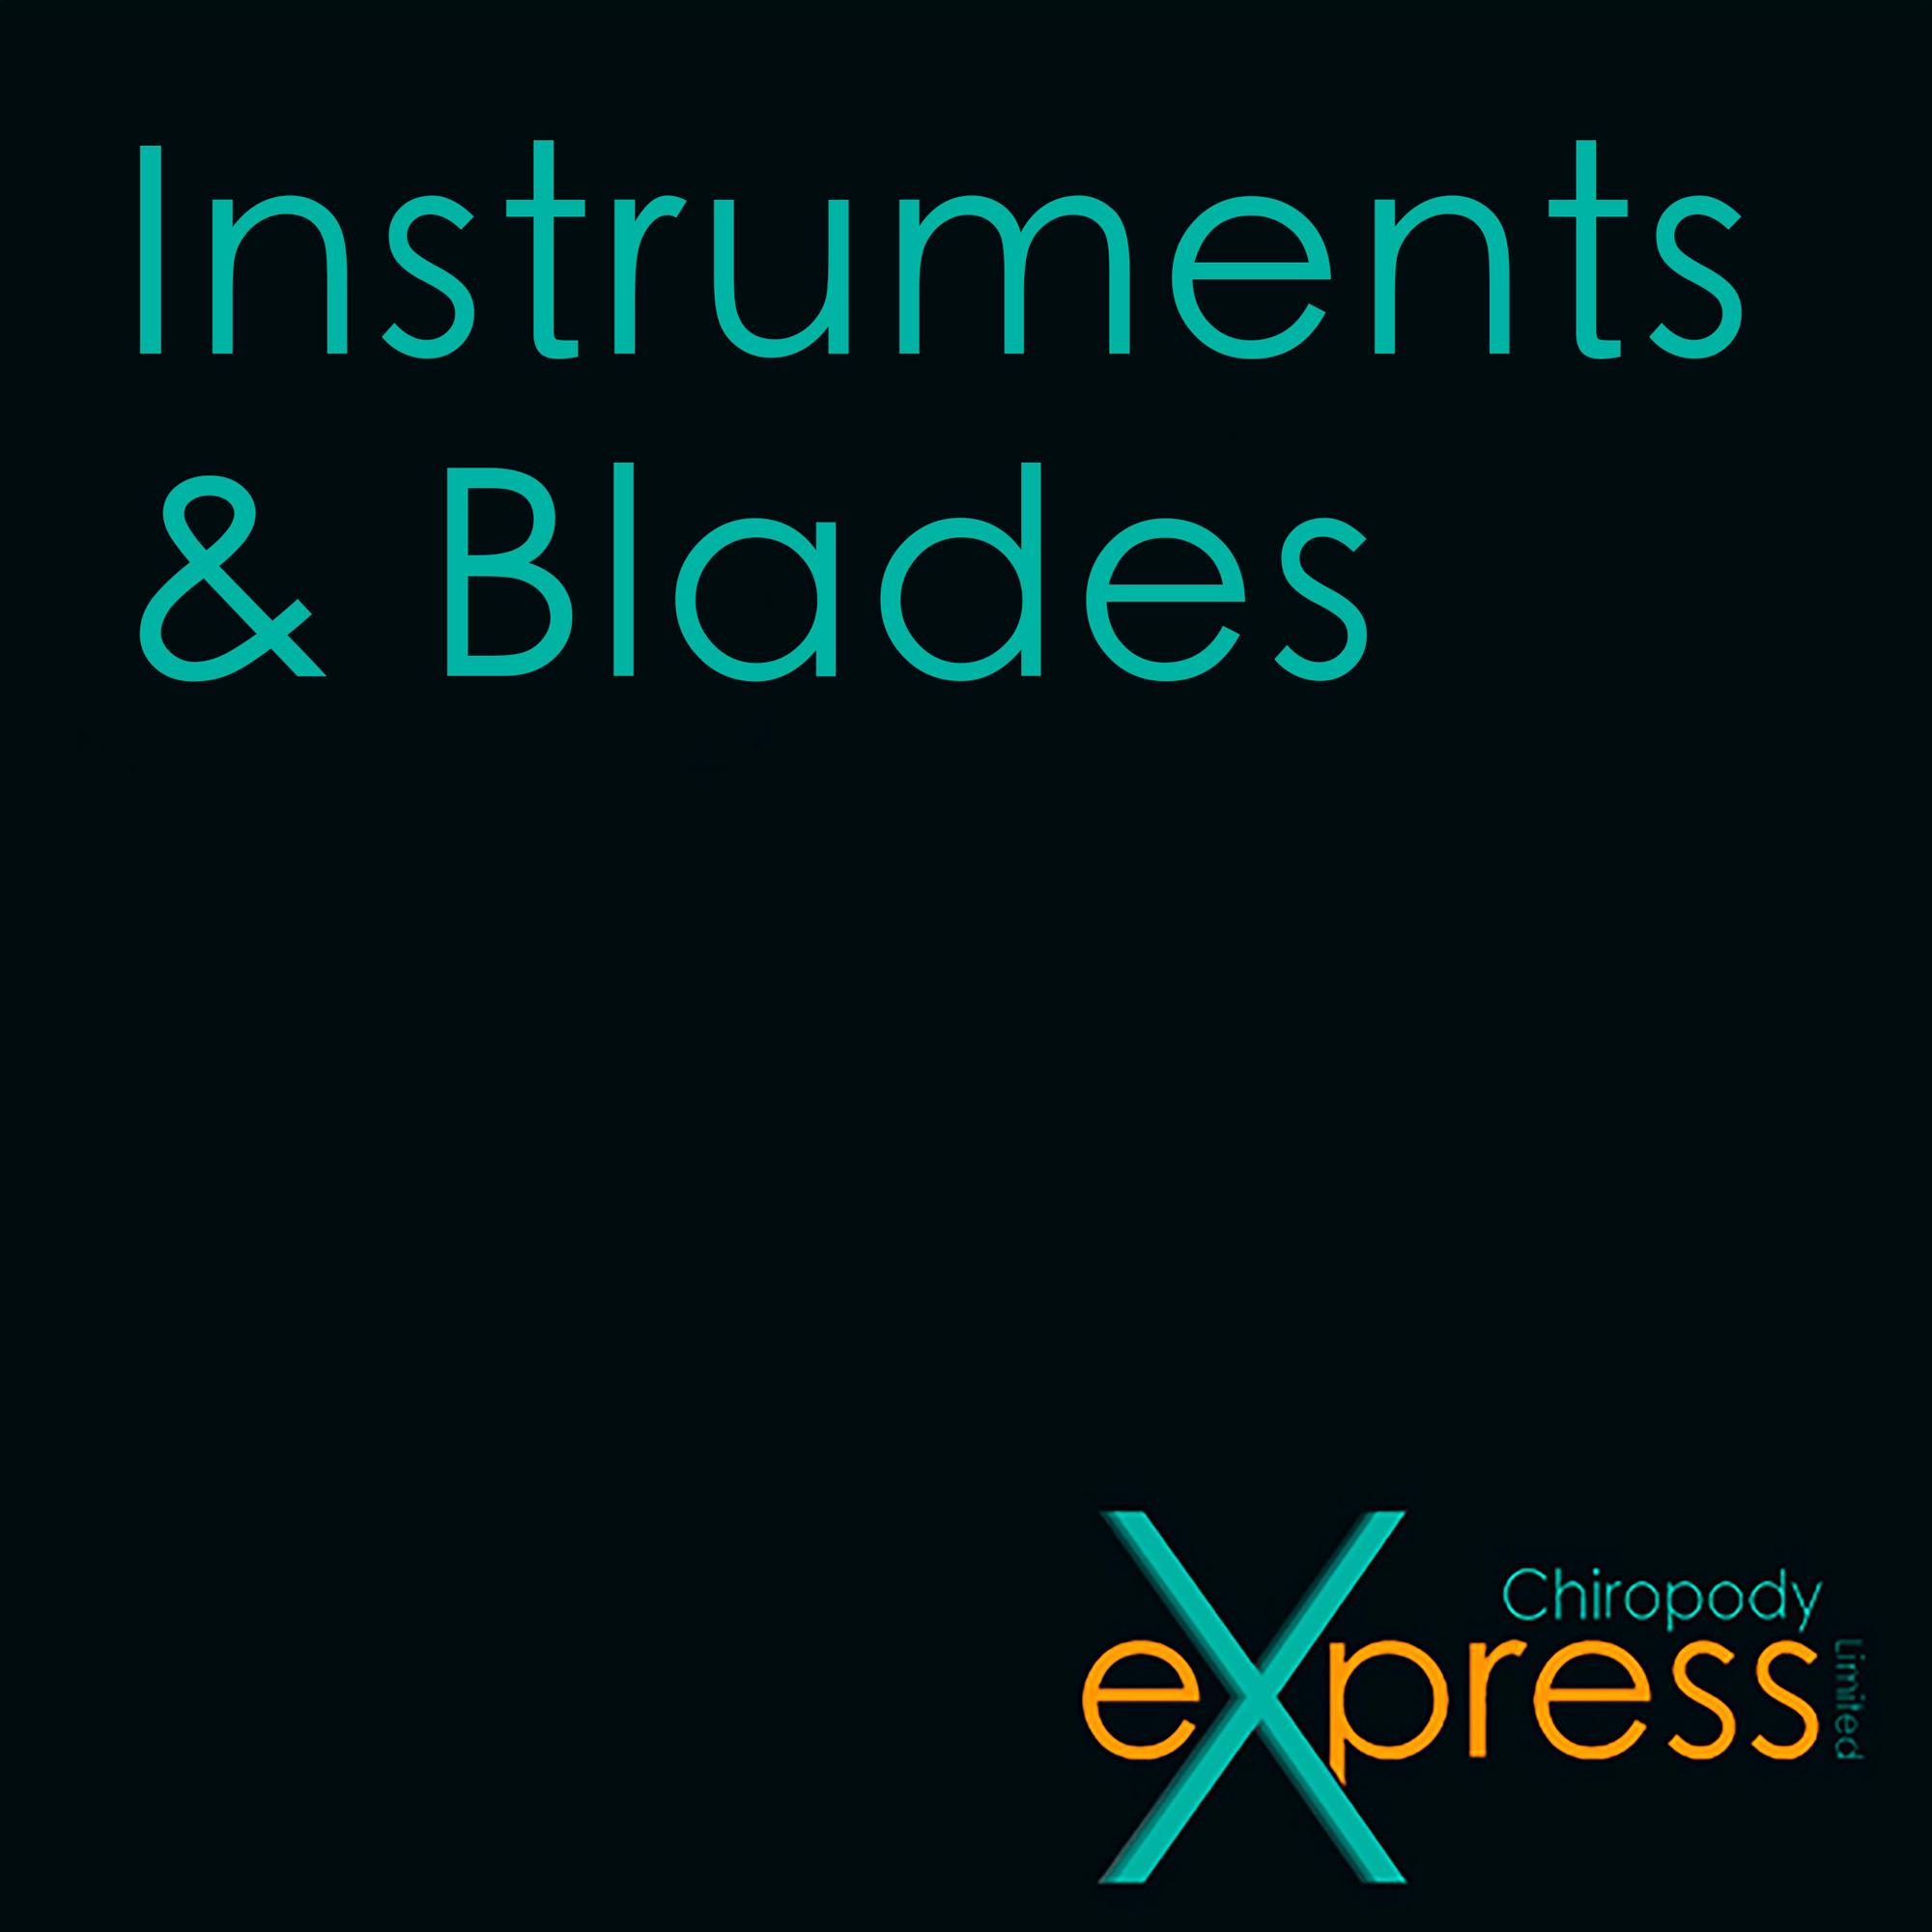 Instruments, Blades